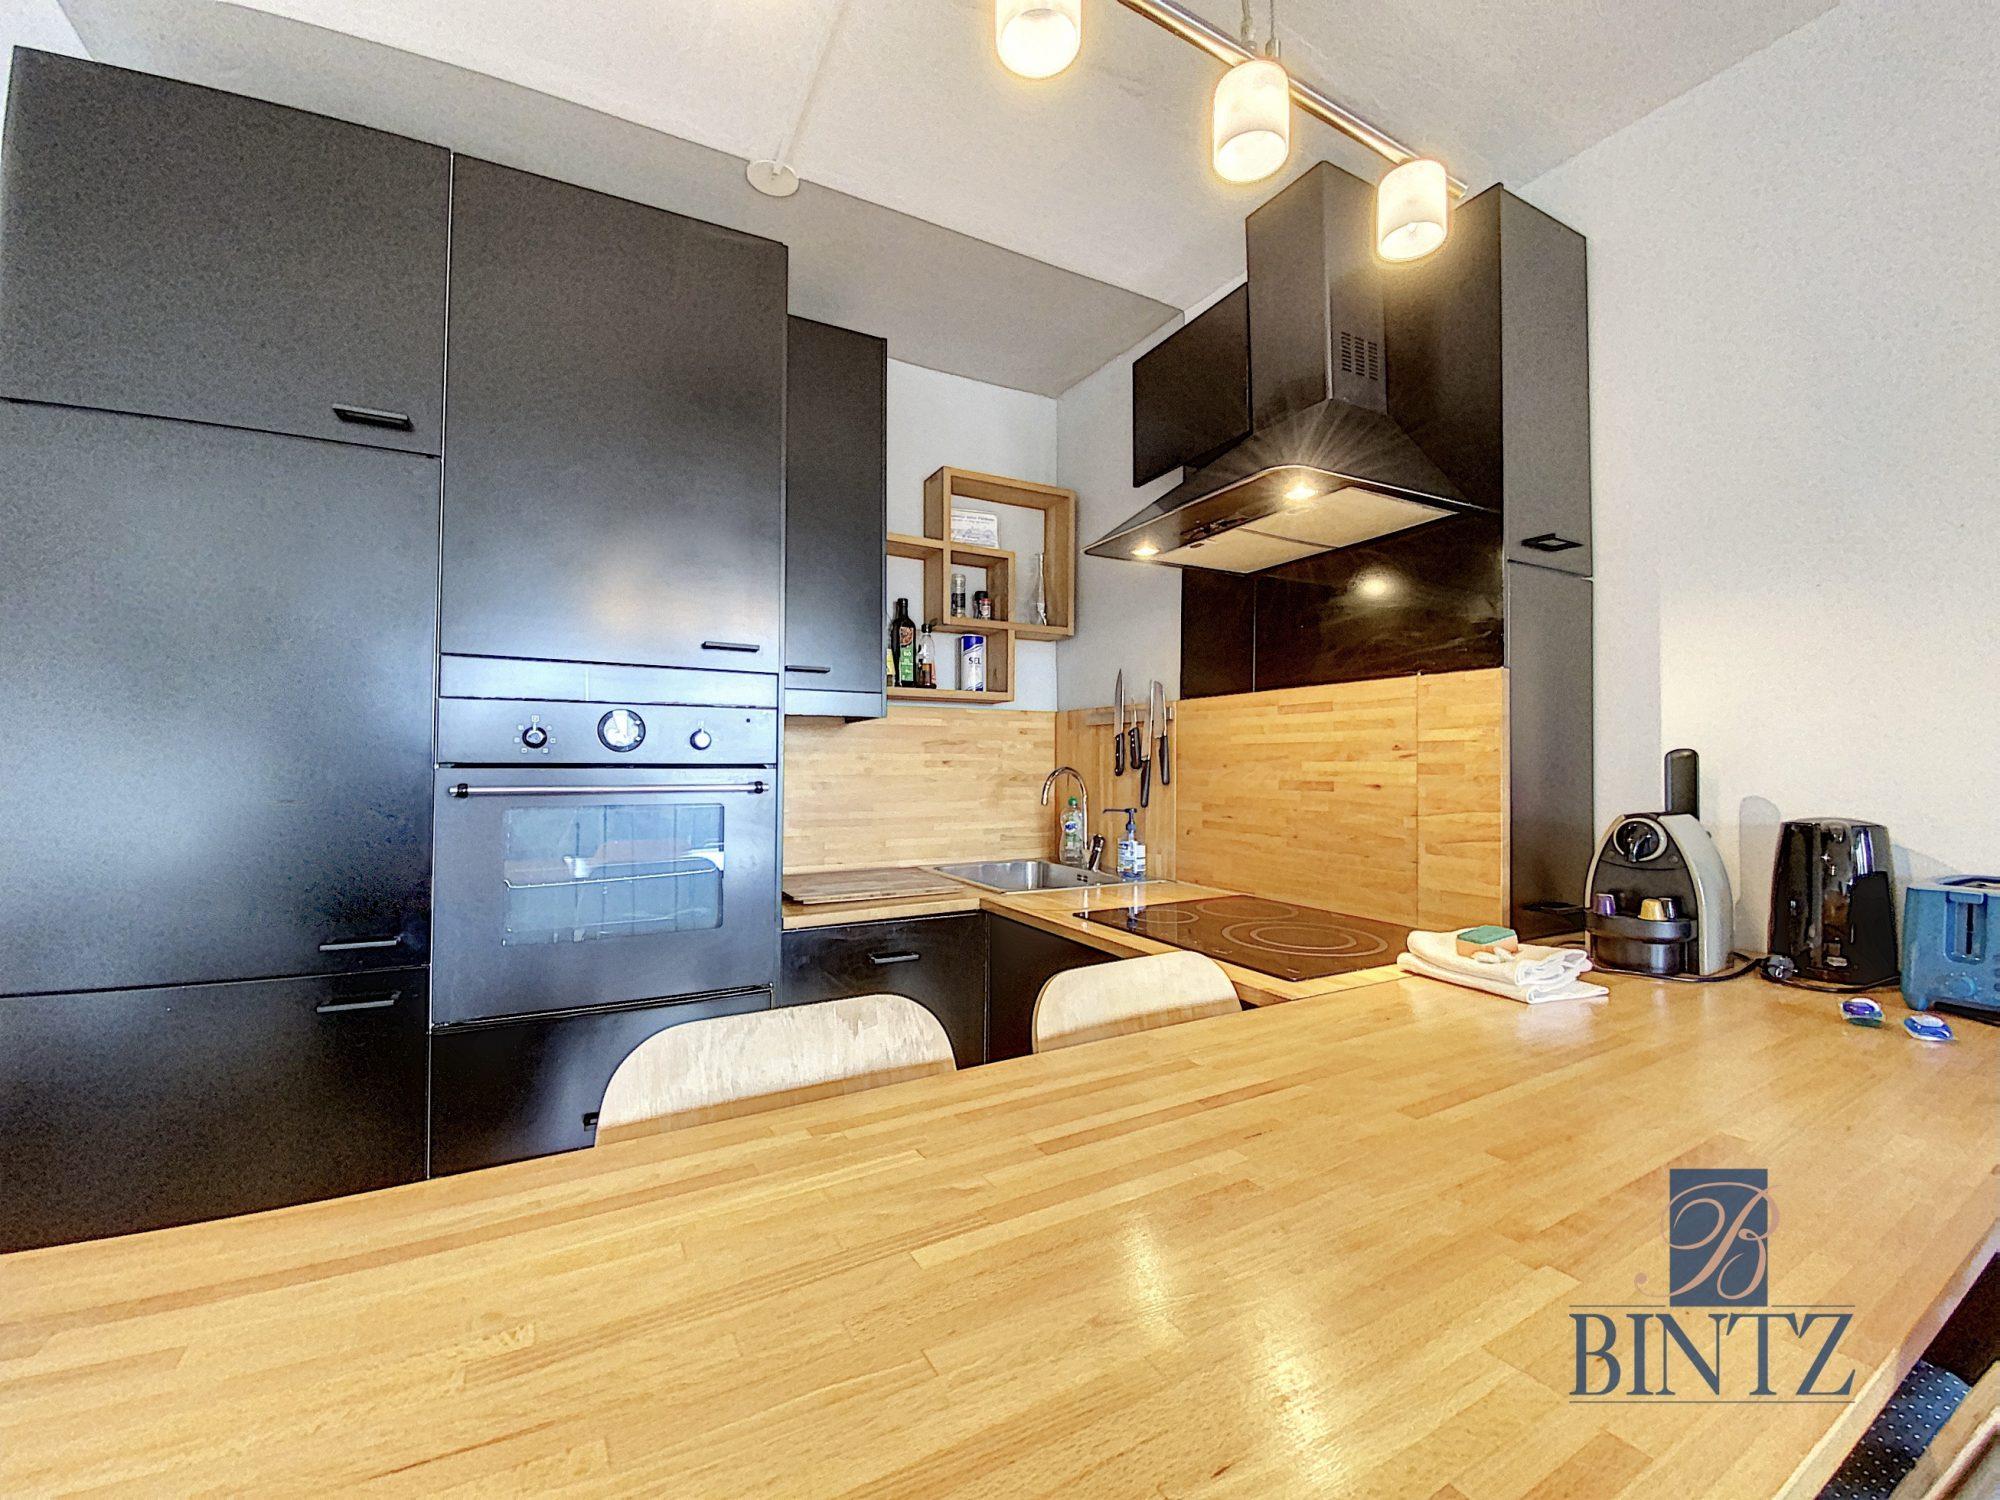 2P MEUBLÉ FG NATIONAL AVEC BALCON - Devenez locataire en toute sérénité - Bintz Immobilier - 4